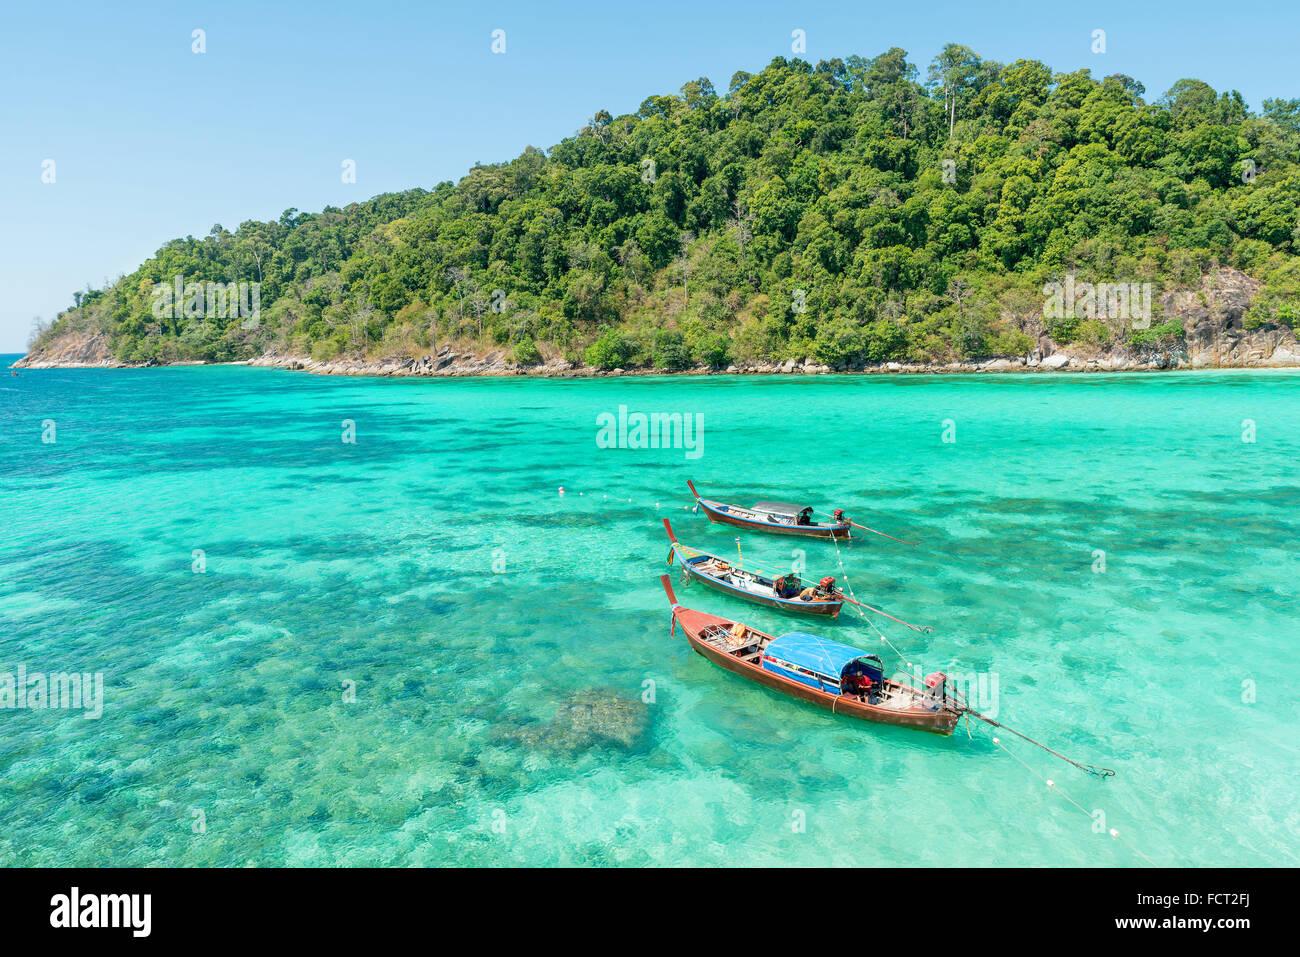 L'été, les voyages, vacances et Maison de Vacances - concept Tropical beach, bateaux longtail, Mer Photo Stock